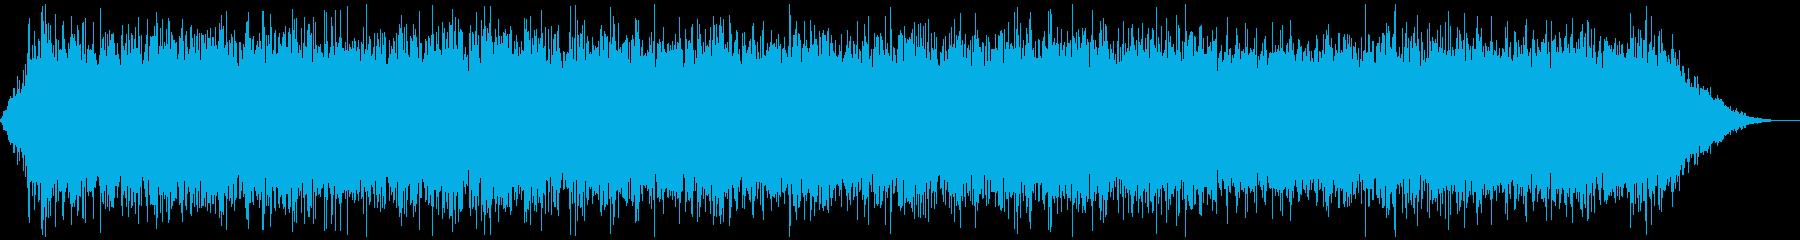 ホラー・怪談用の不気味な効果音2の再生済みの波形